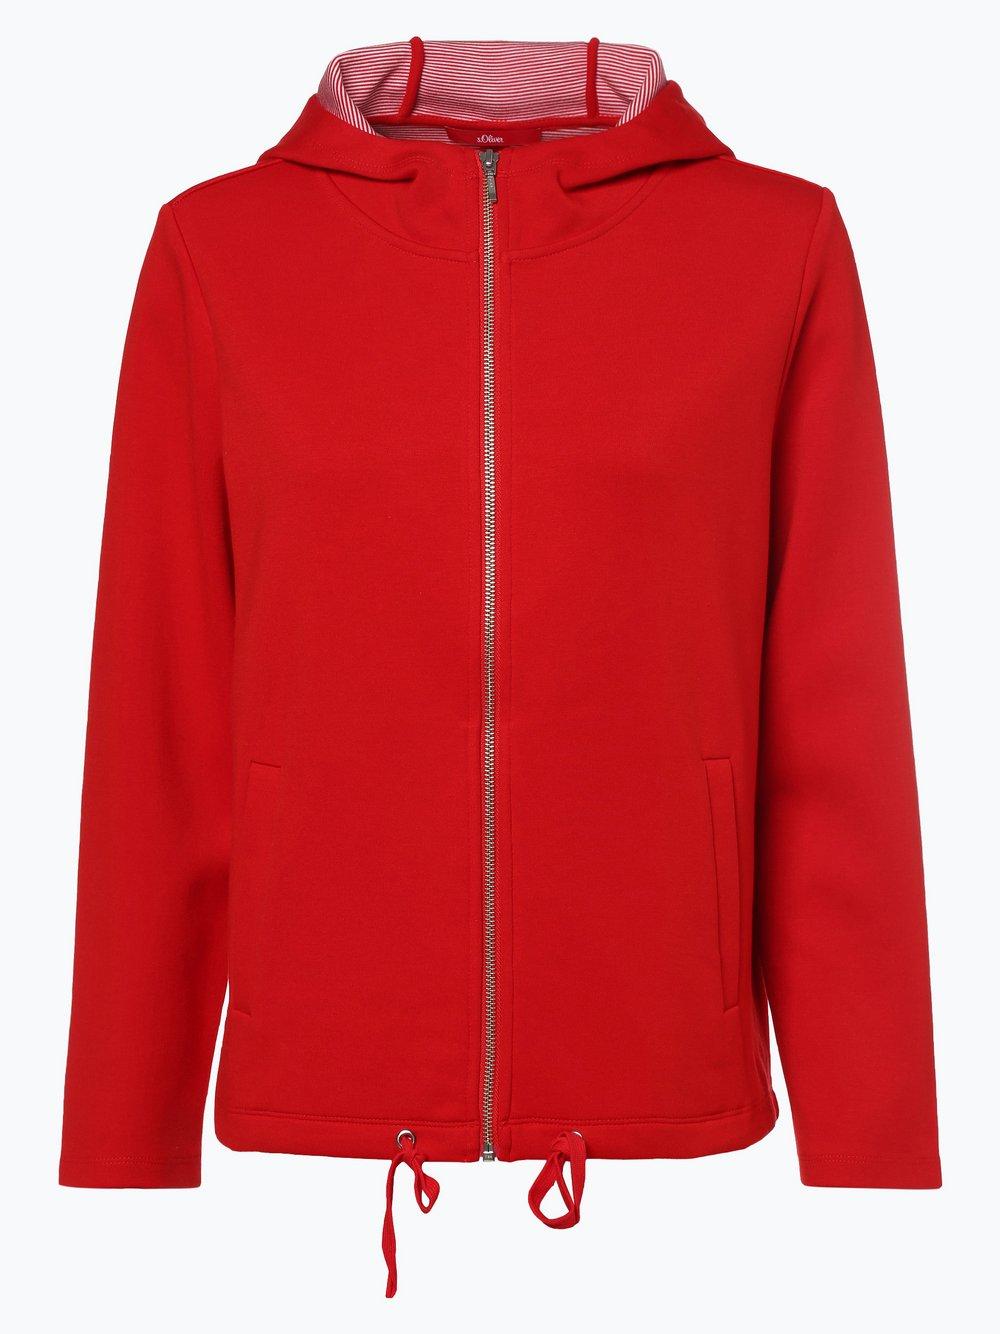 s.Oliver - Damska bluza rozpinana, czerwony